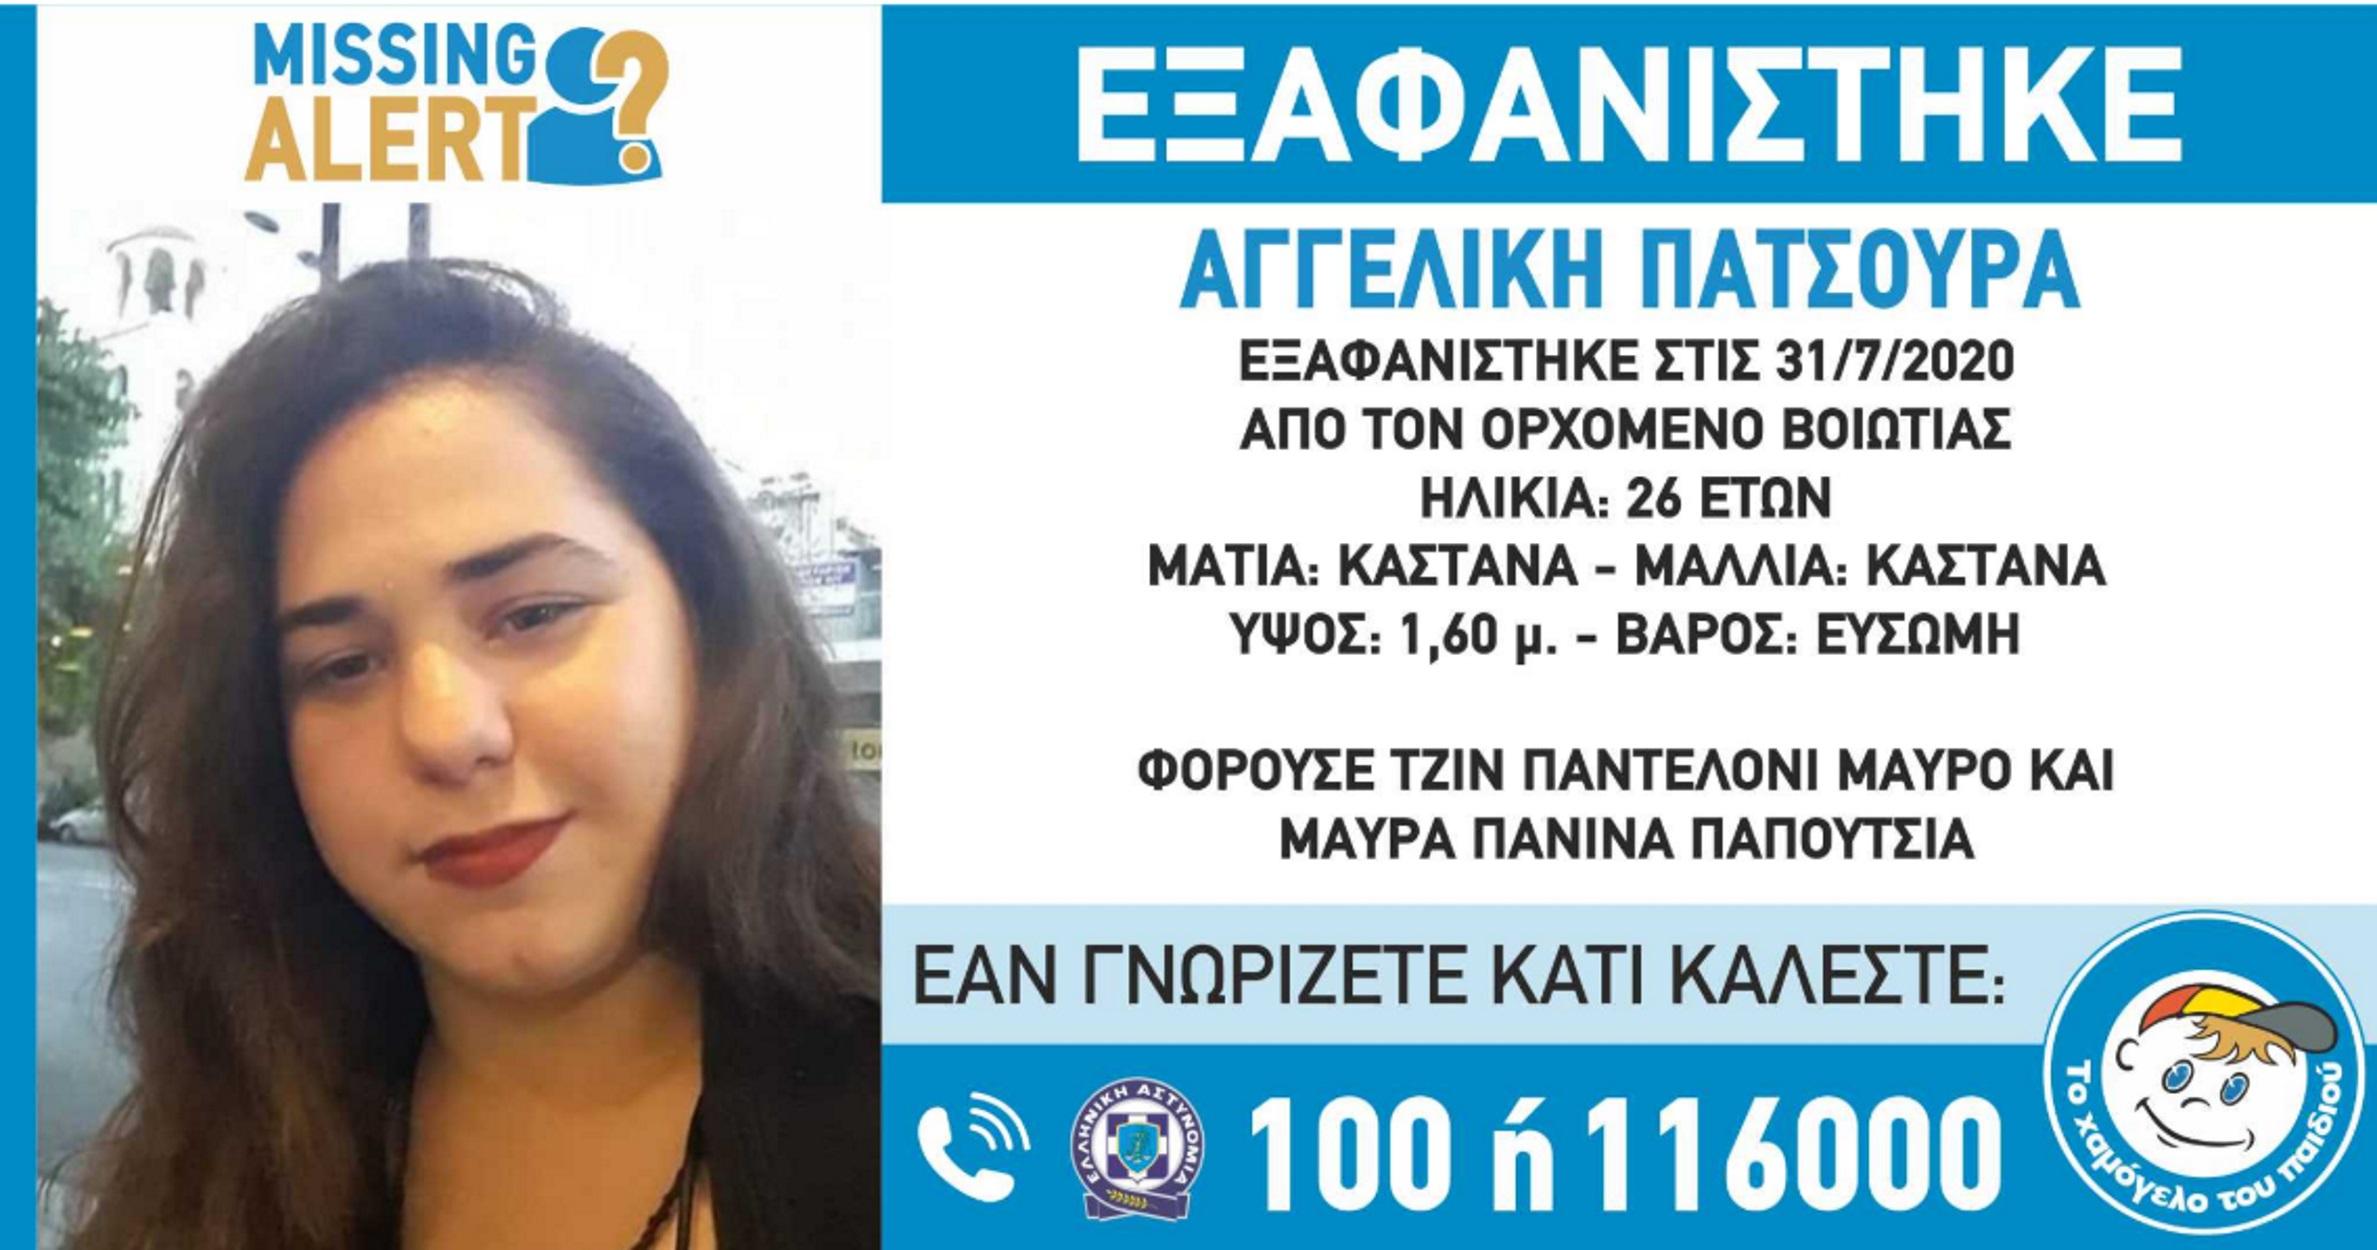 Θρίλερ στον Ορχομενό Βοιωτίας: Εξαφανίστηκε 26χρονη